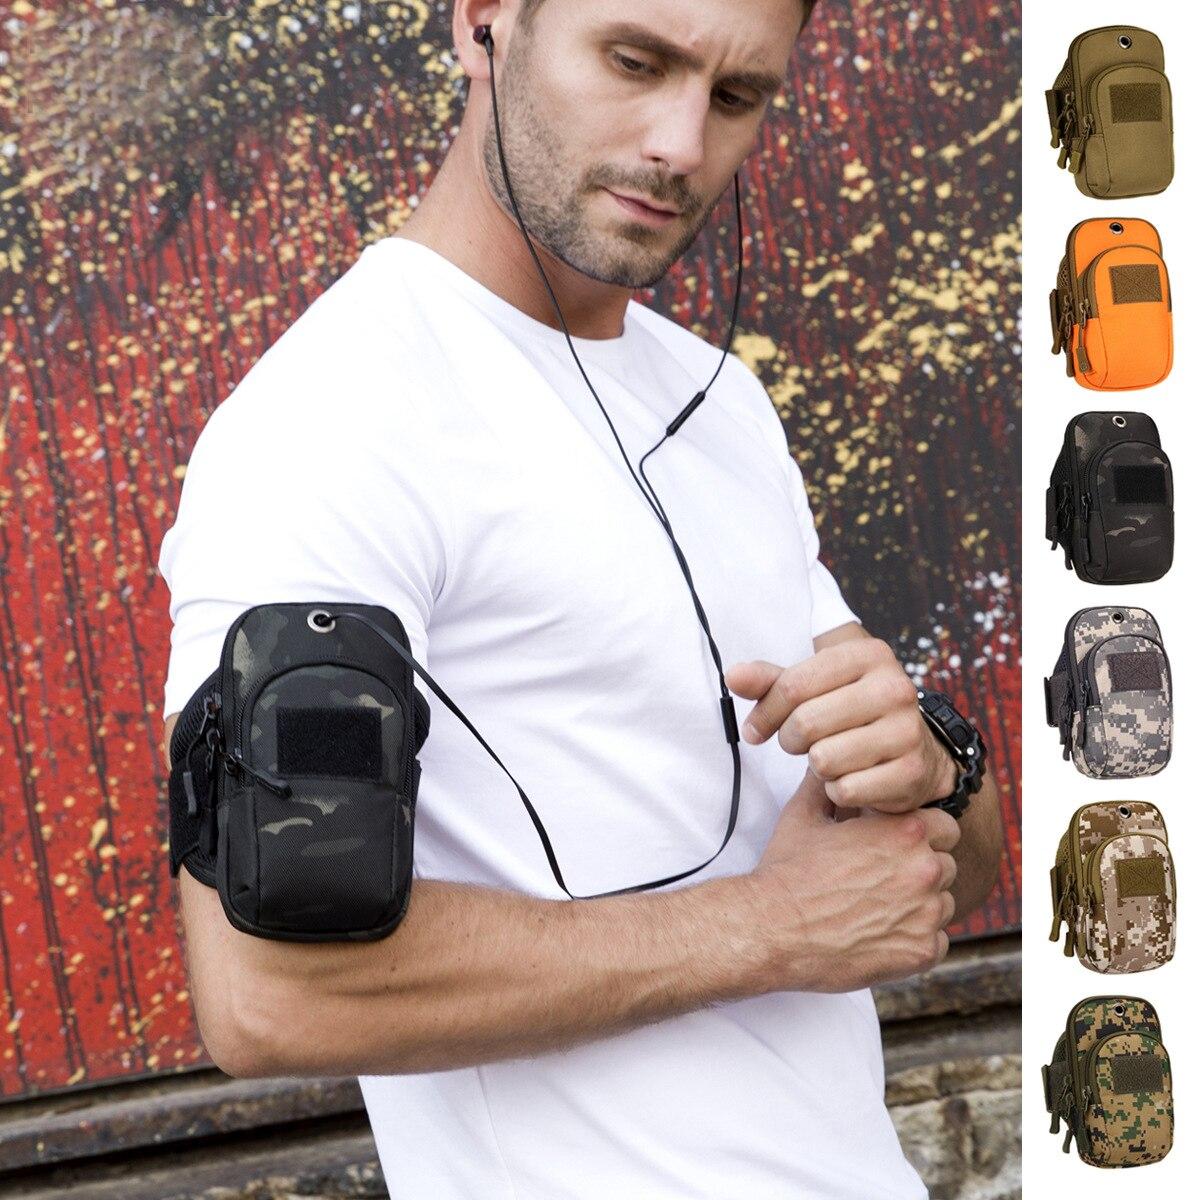 Водоотталкивающая Военная Тактическая камуфляжная сумка на руку, сумка для рыбалки, мобильный телефон, сумка для рыбалки, сумка для бега, ка...